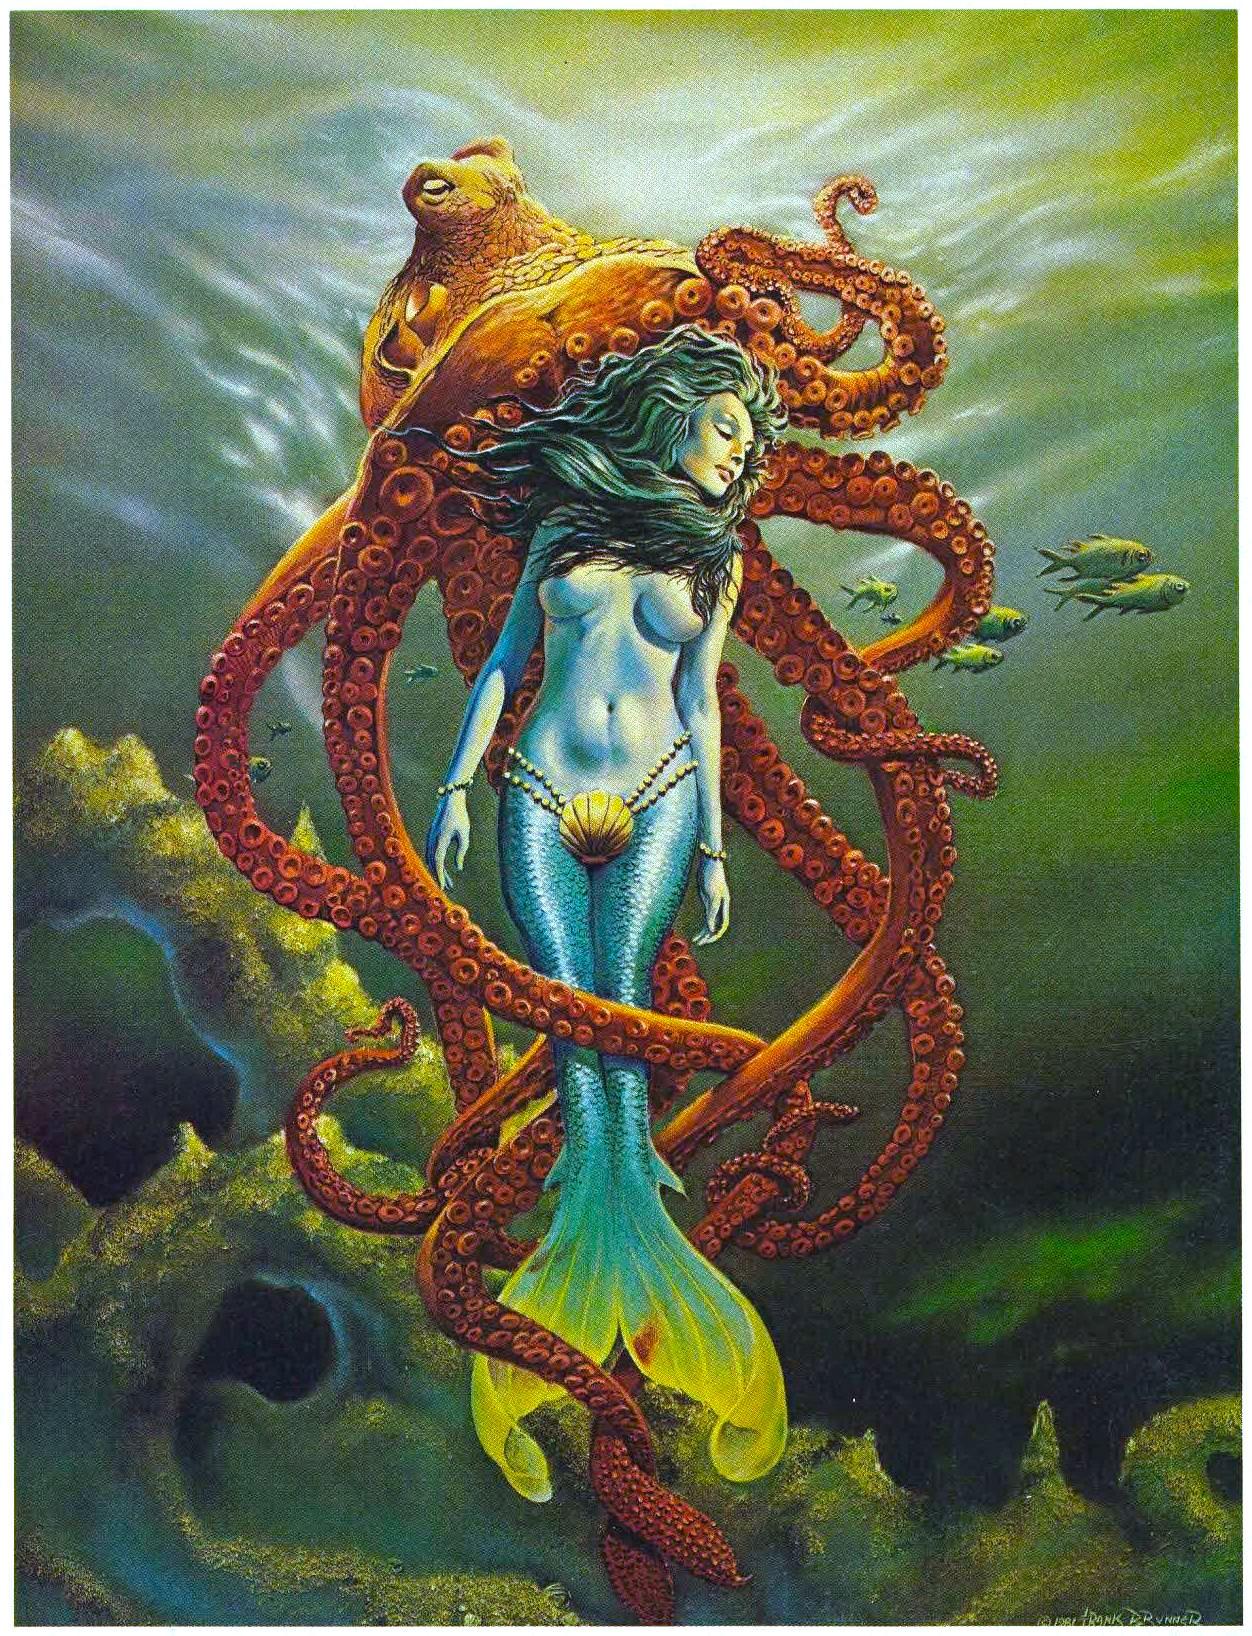 FrankBrunner-Mermaid